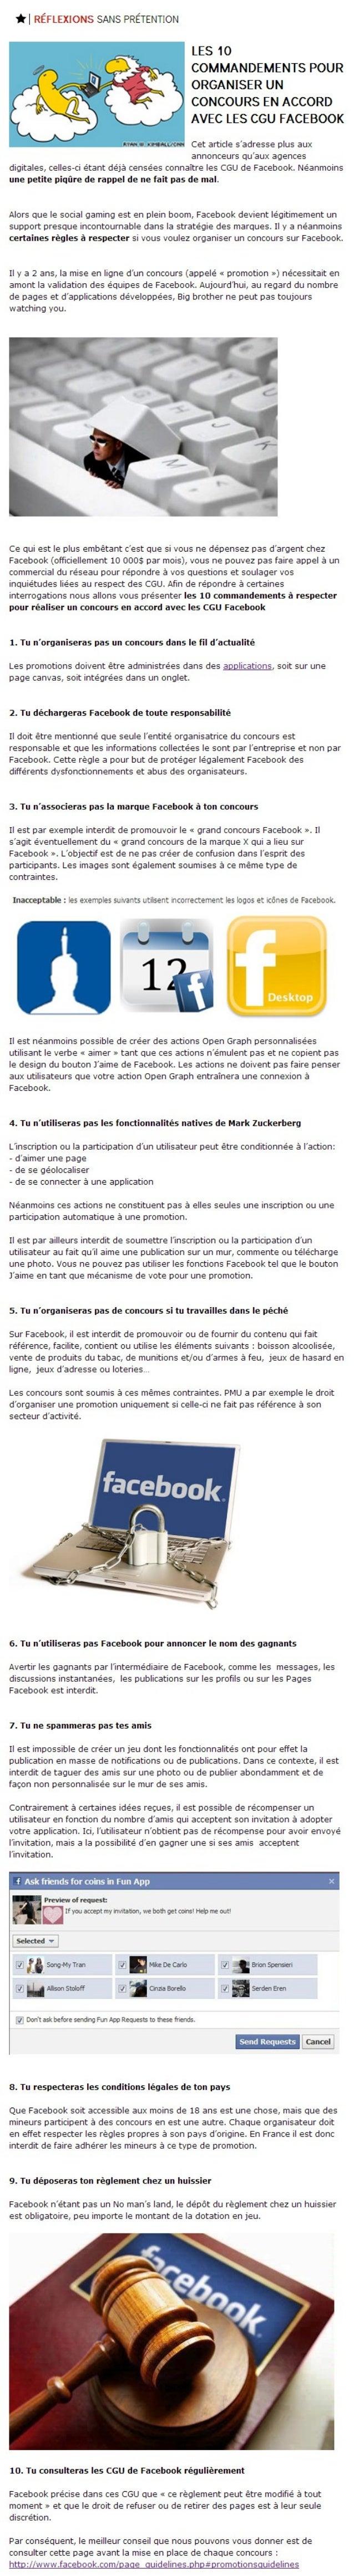 Les 10 commandements pour organiser un concours en accord avec les CGU de Facebook